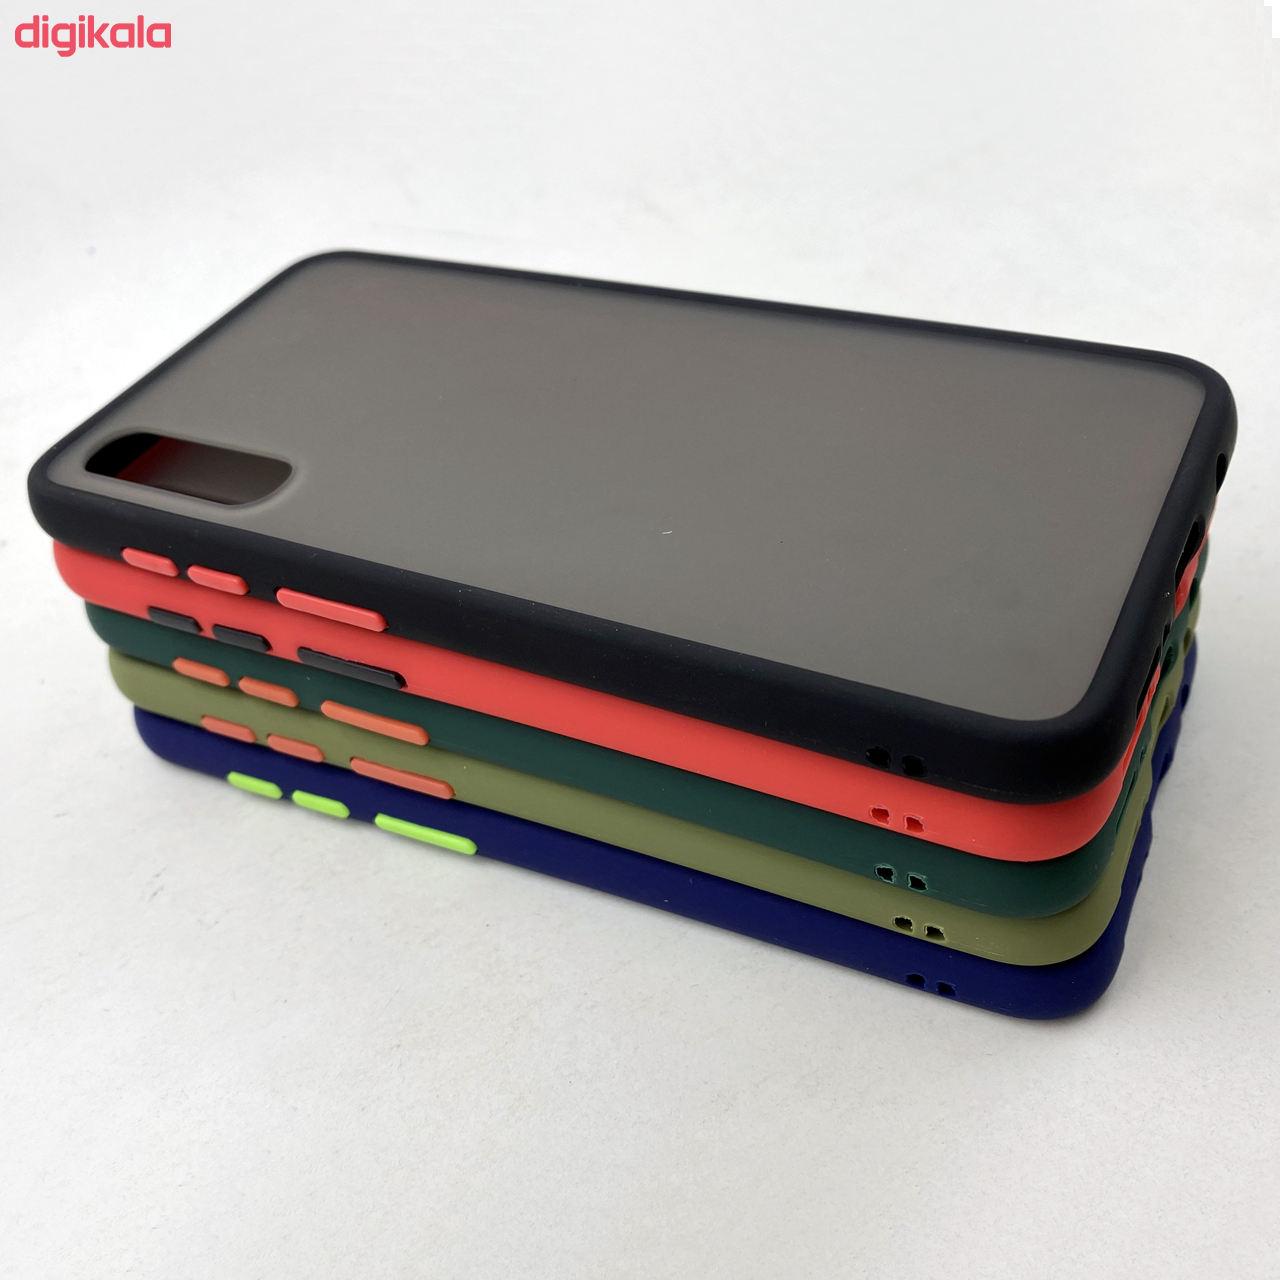 کاور مدل MTT مناسب برای گوشی موبایل سامسونگ Galaxy A50 / A50s / A30s main 1 7